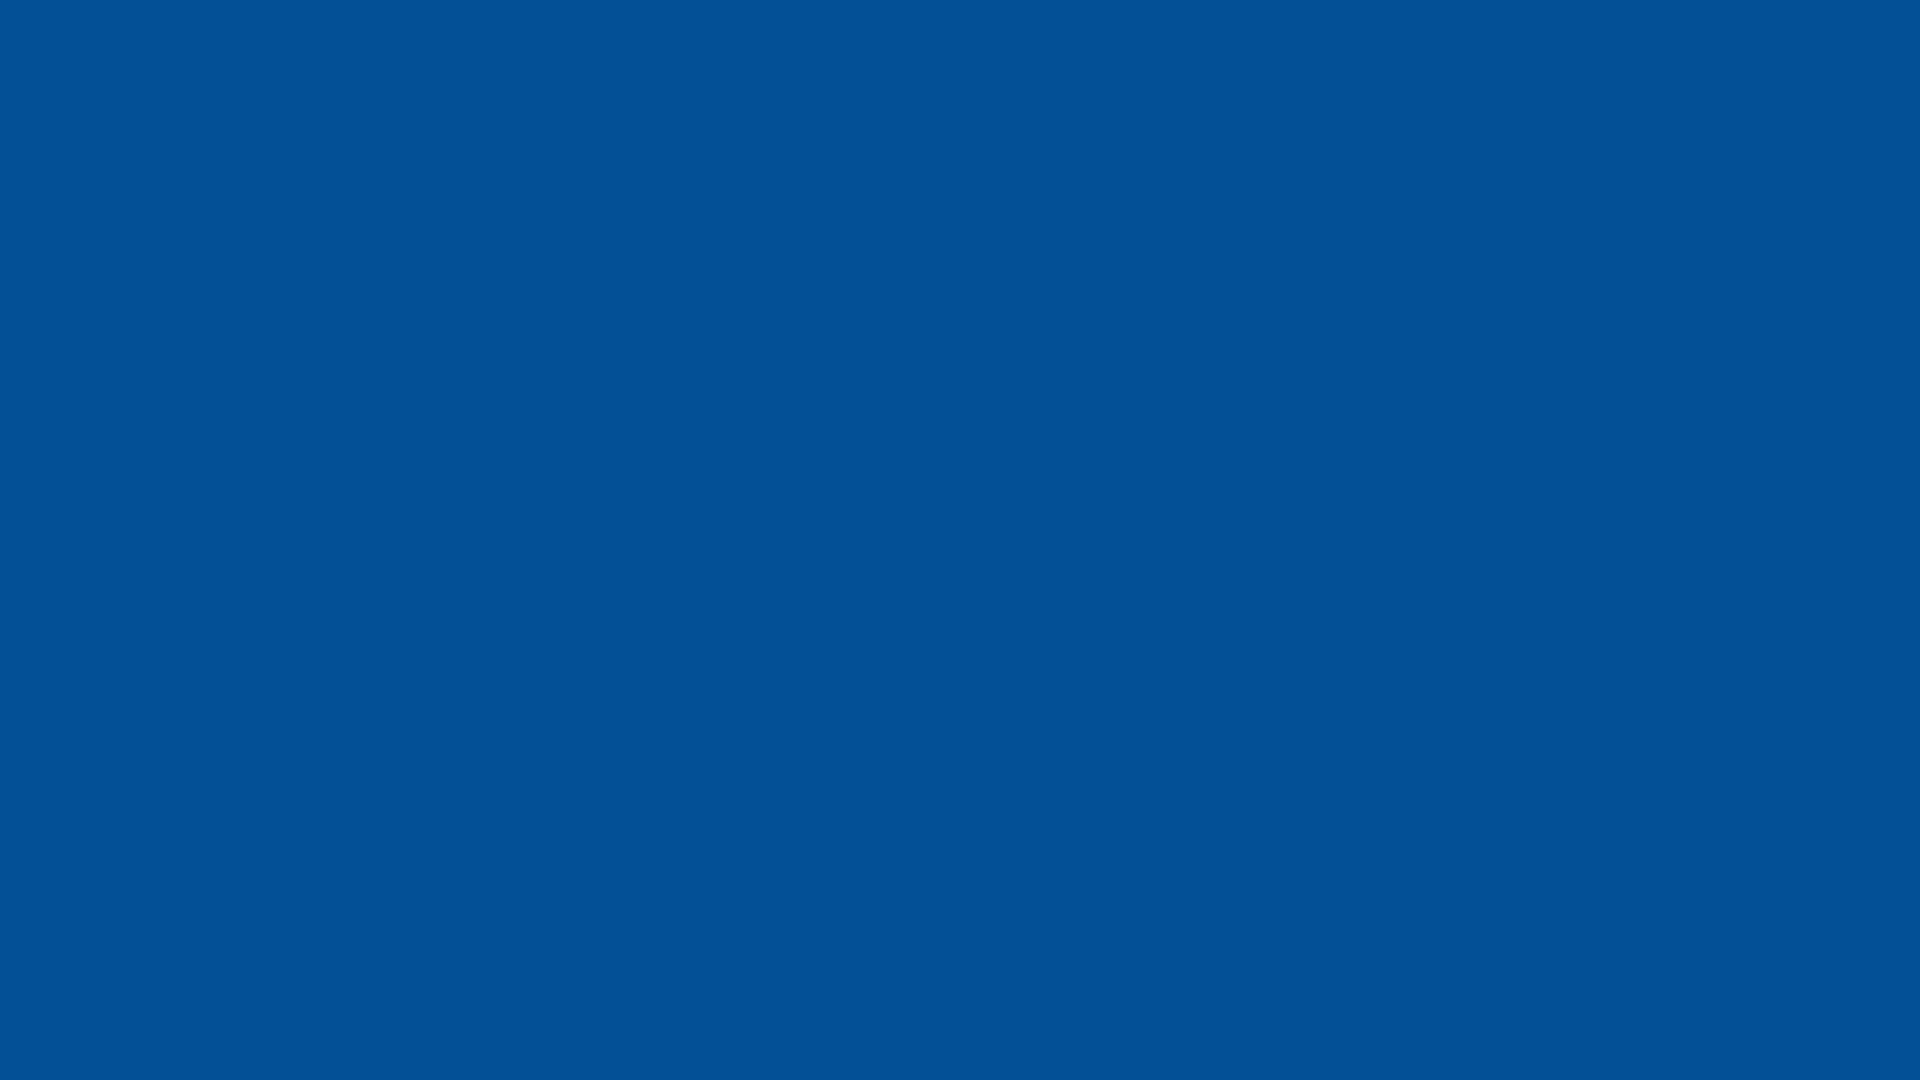 Res: 1920x1080, Blue Solid Color Wallpaper 2106